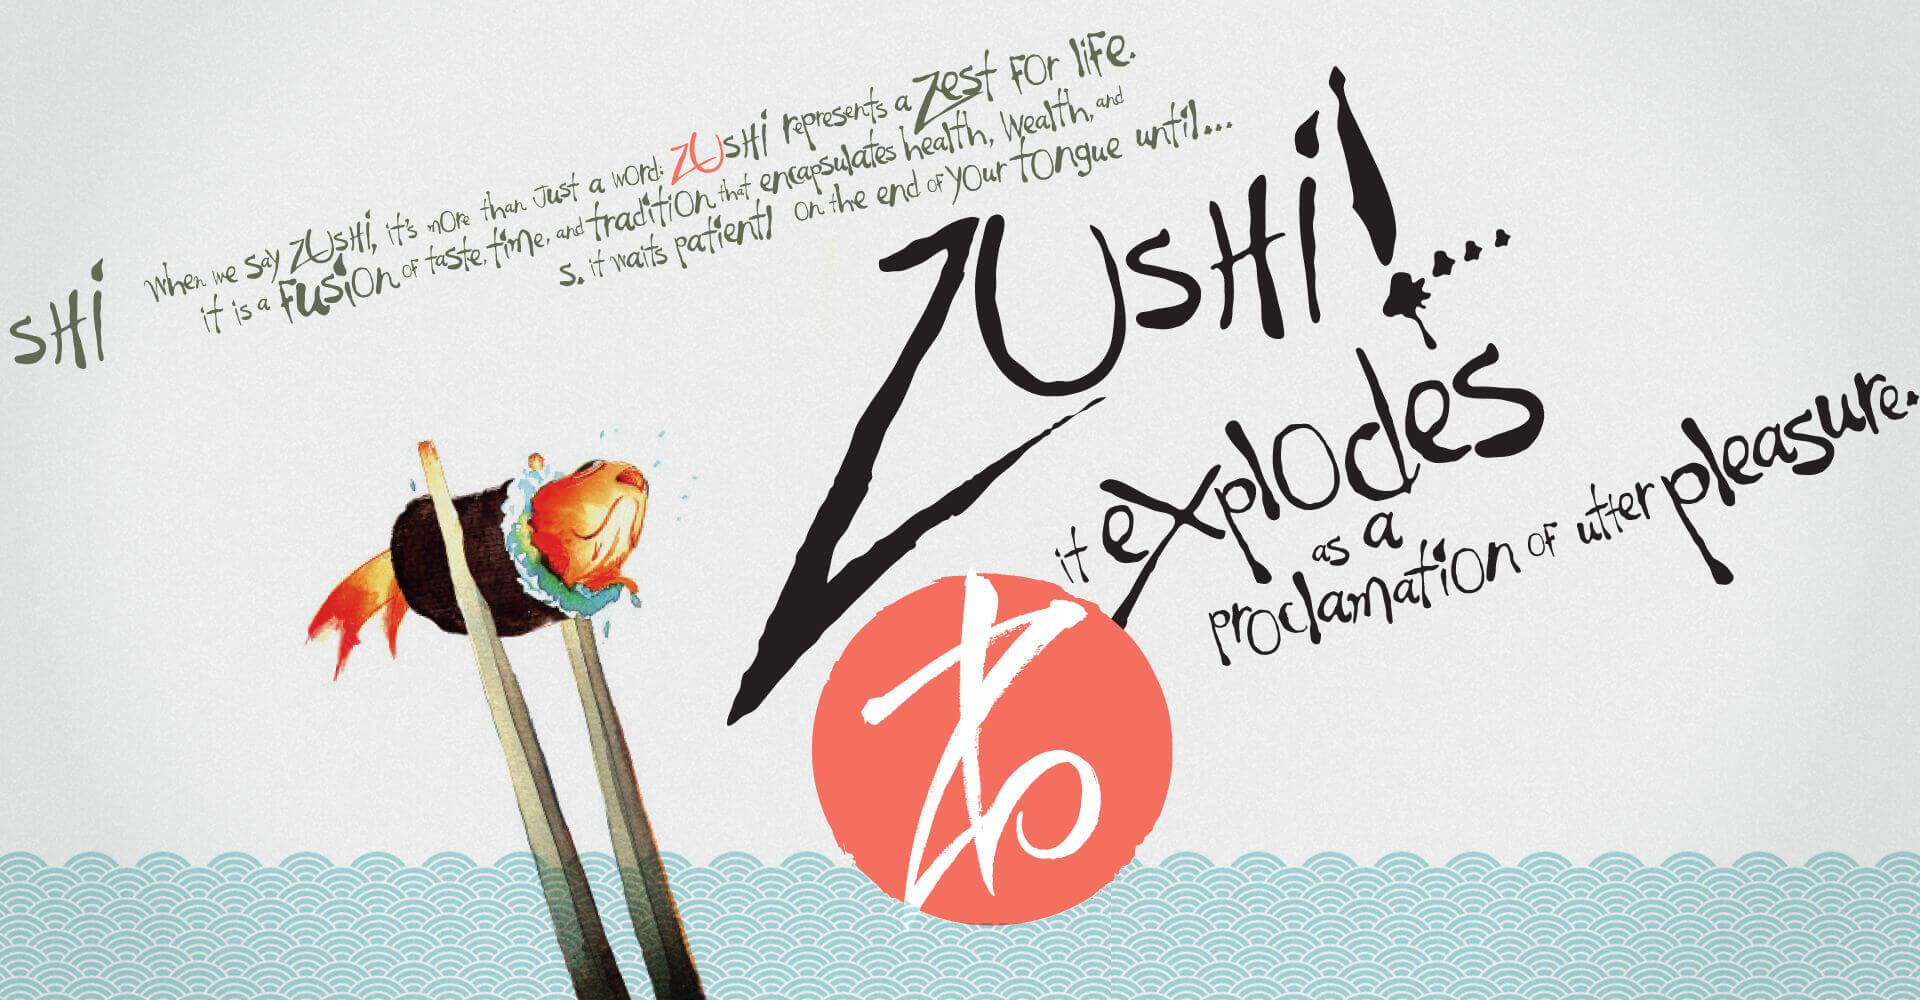 Bento Nouveau - Bento Zushi